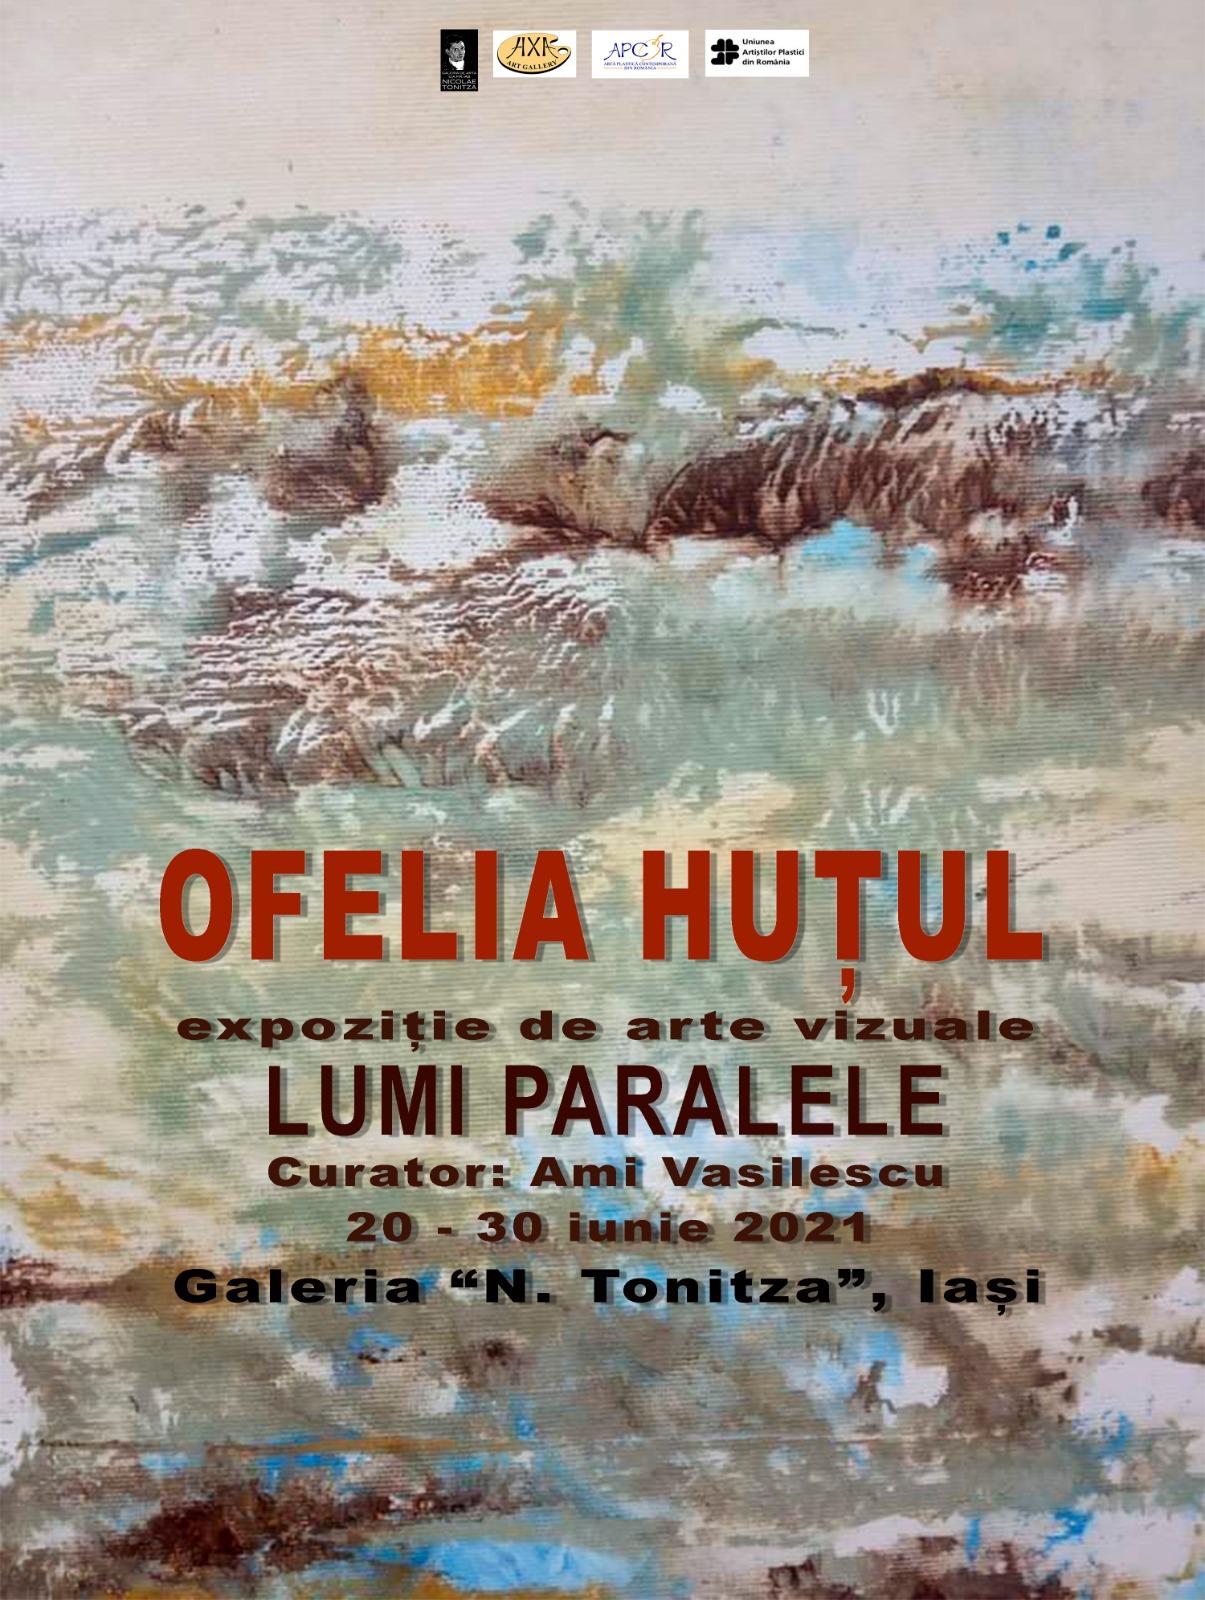 LUMI PARALELE - Ofelia Huțul